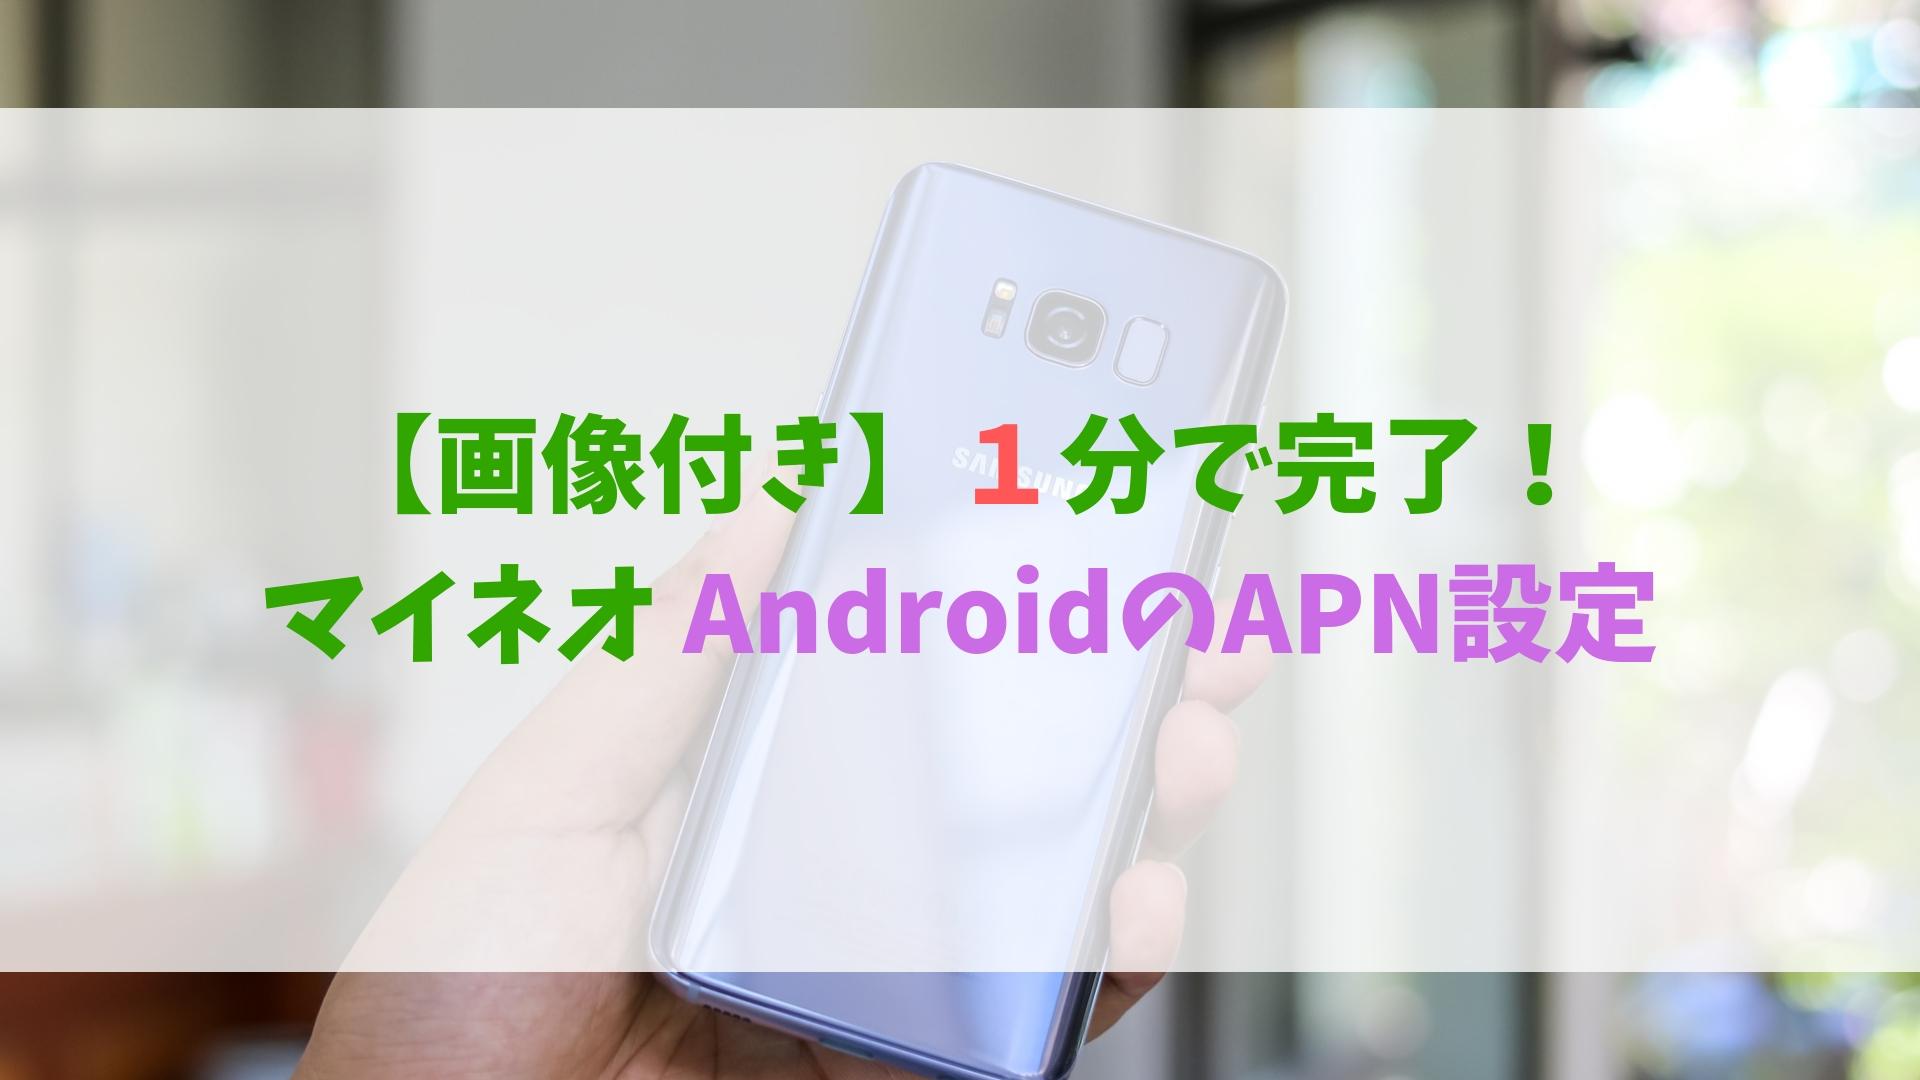 【画像付き】1分で完了! マイネオiPhoneのAPN設定!